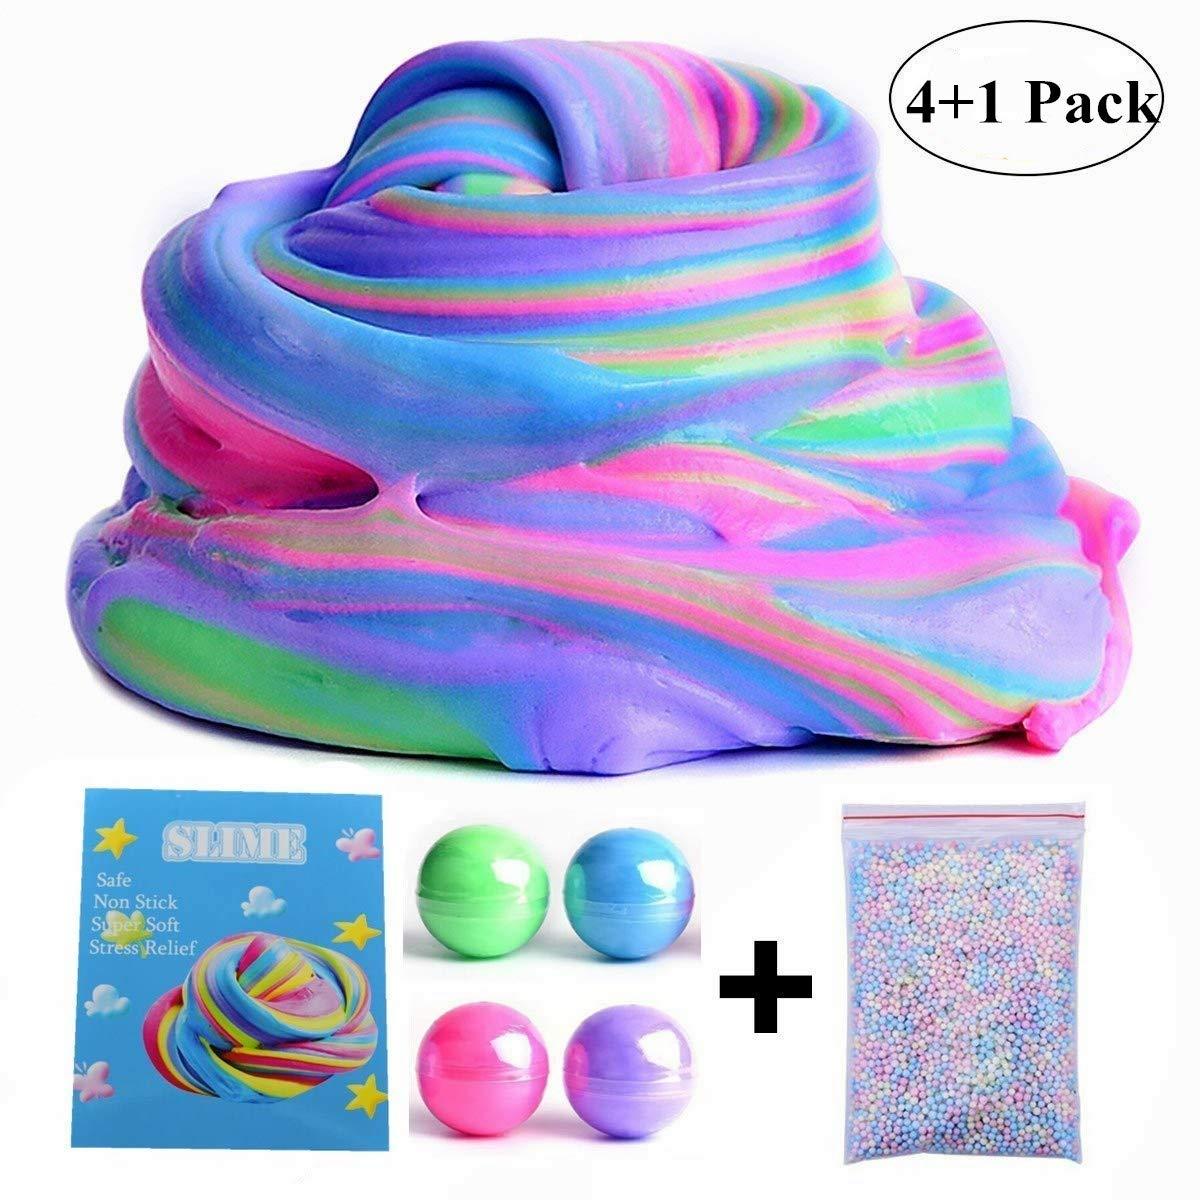 Fluffy Slime, fai-da-te Fluffy Slime Soft Kids Slime Fango Fango giocattolo Giocattolo sensoriale non tossico Fluffy Floam Slime Fragranza Fragranza Giocattolo antistress per bambini, Super Soft non appiccicoso (4 colori) Hongyantech